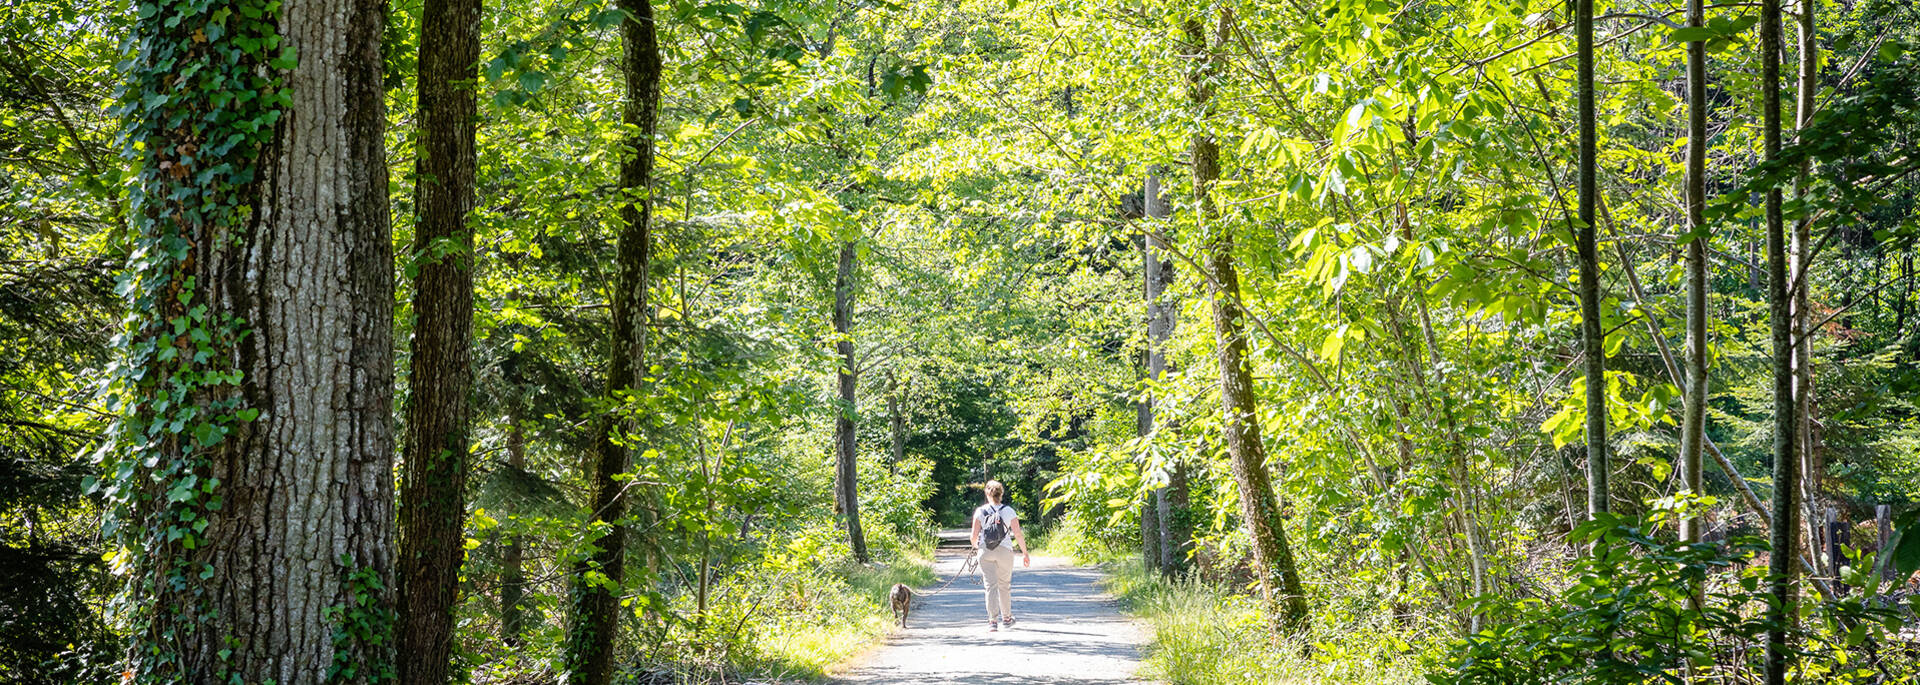 Femme promenant son chien dans le parc de Pignerolle